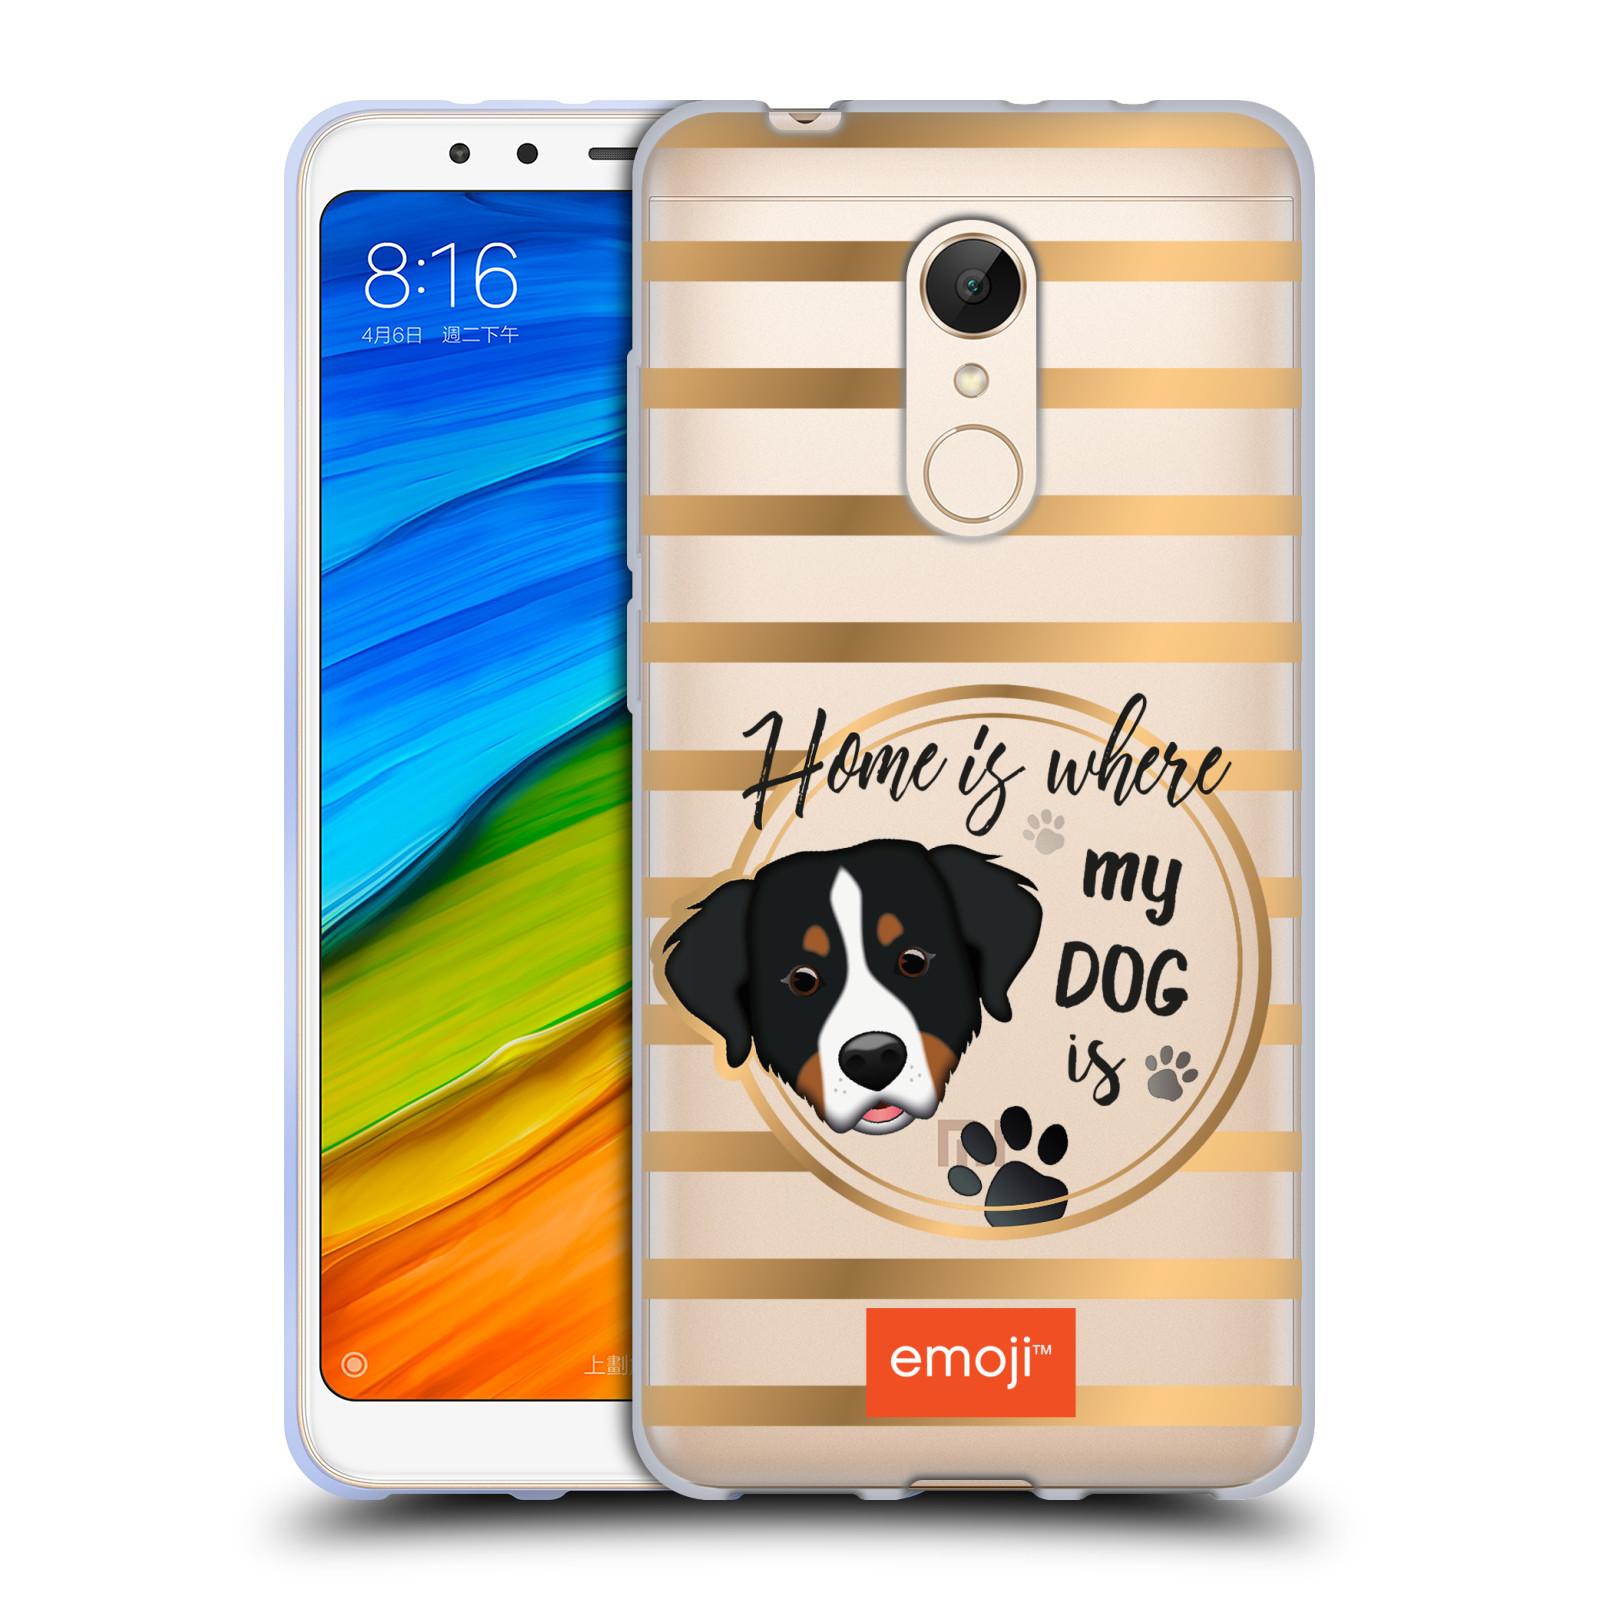 87f1efb04b4 HEAD CASE silikonový obal na mobil Xiaomi Redmi 5 oficiální kryt EMOJI  pejskův domov